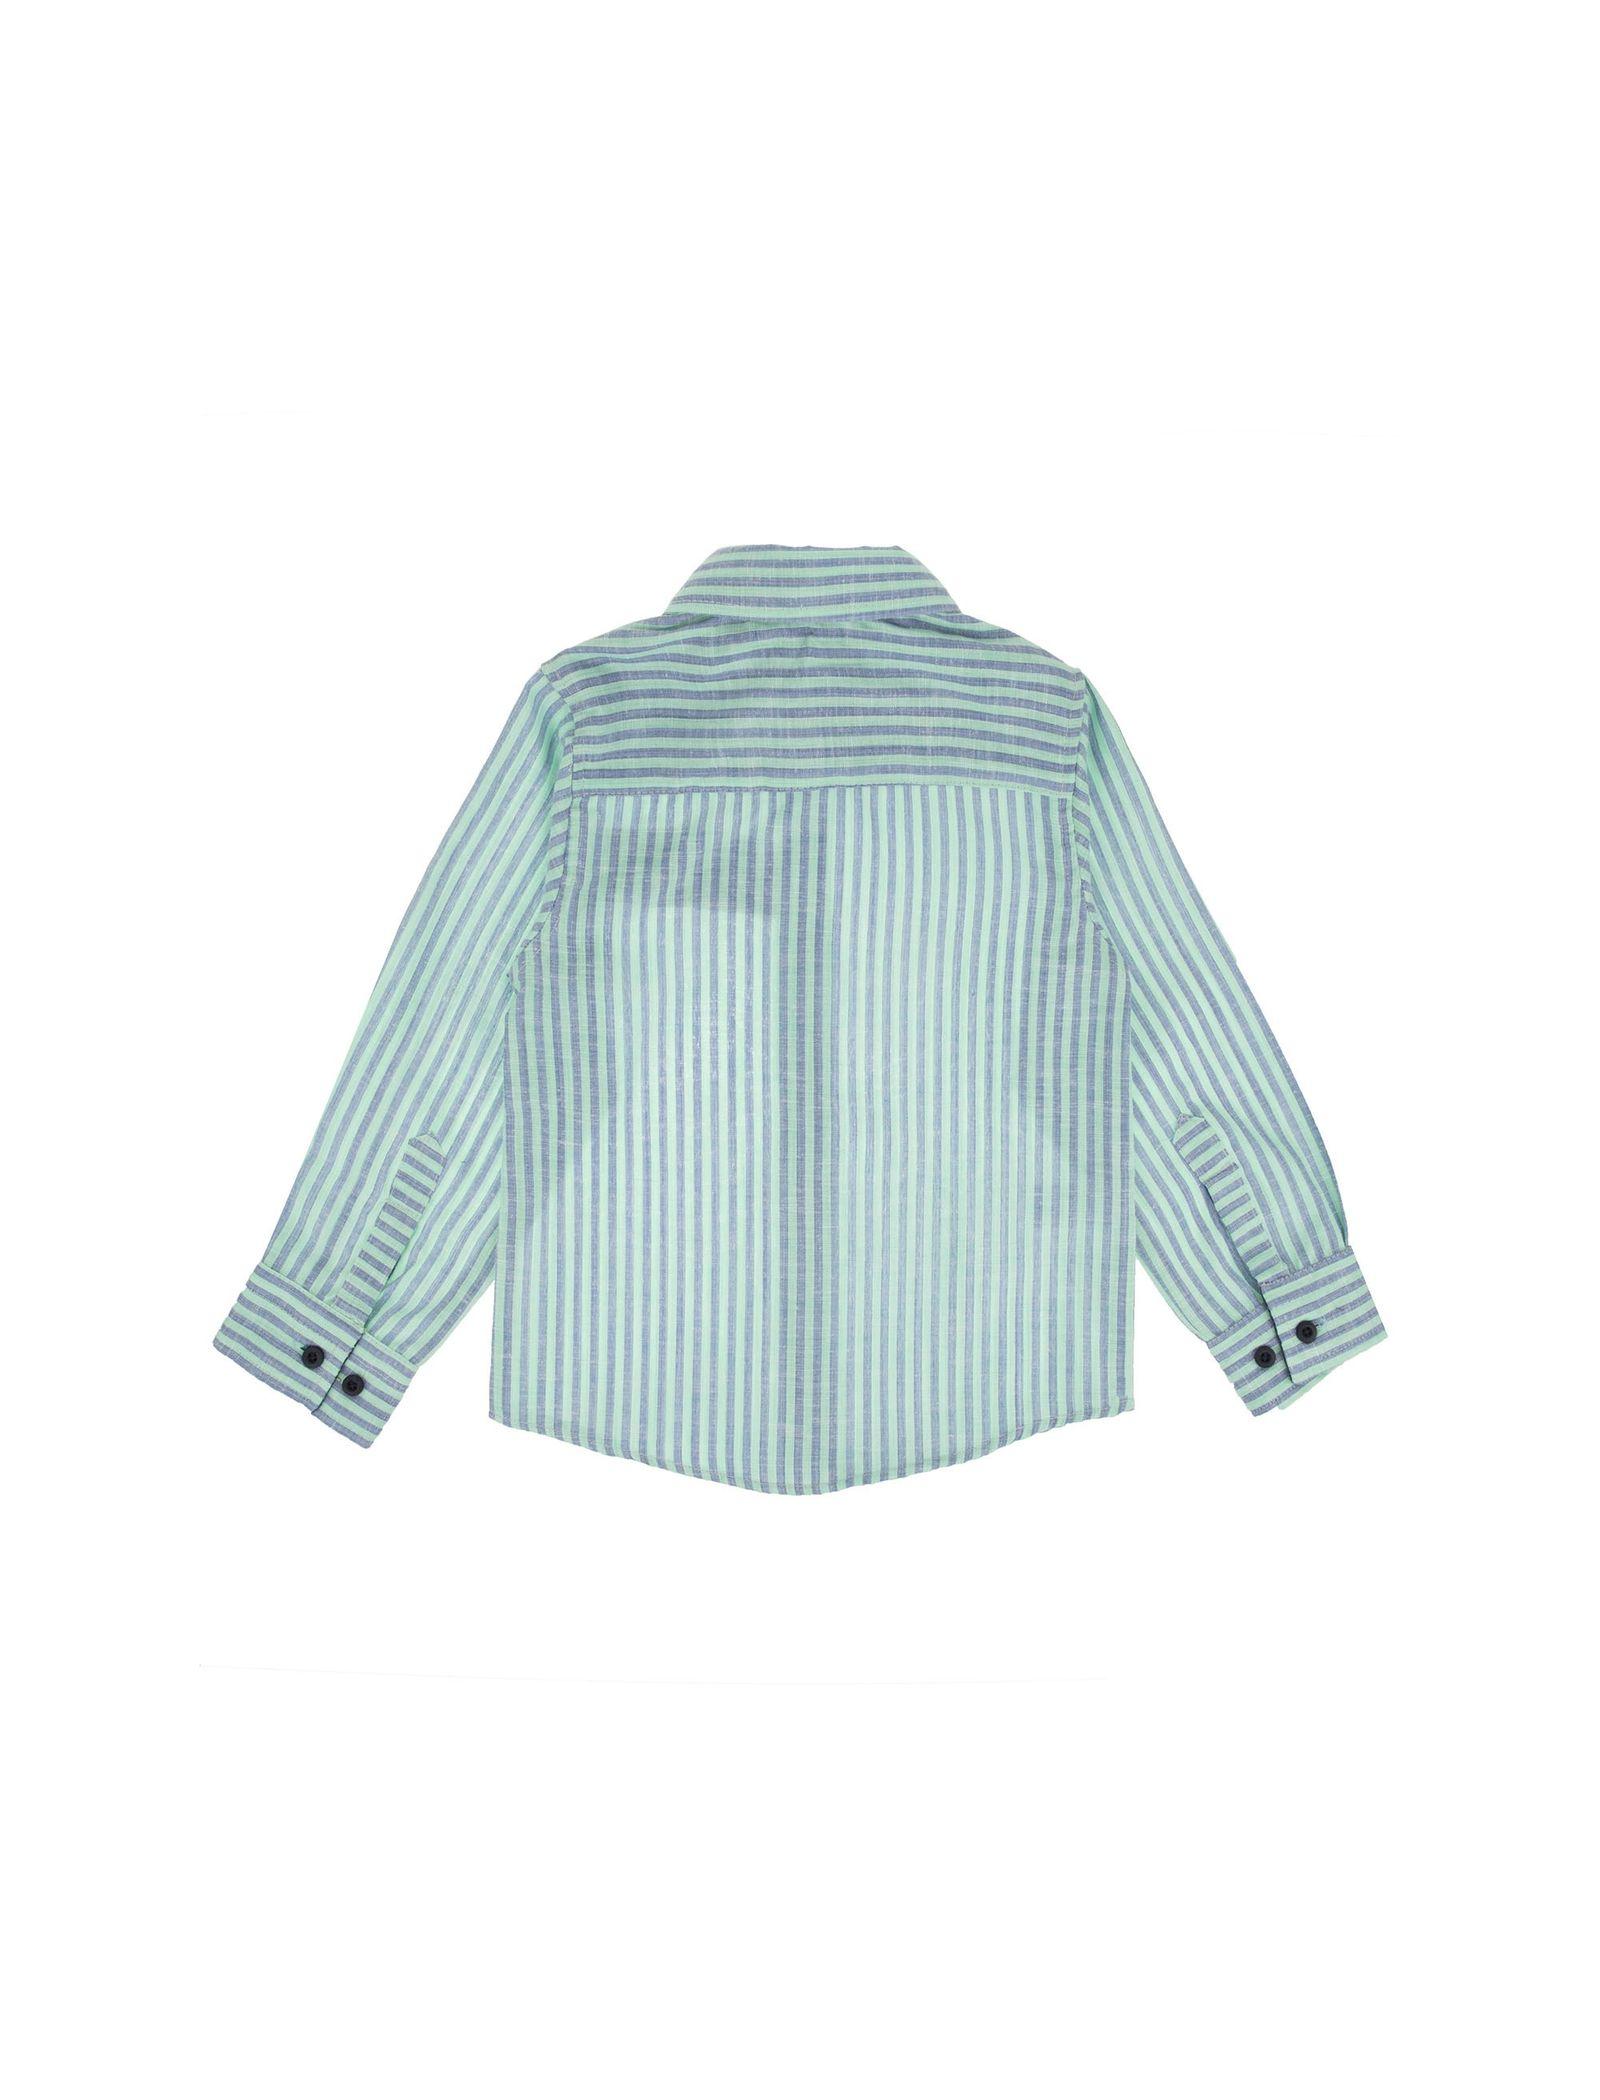 پیراهن نخی آستین بلند پسرانه - پیانو - سبز  - 2